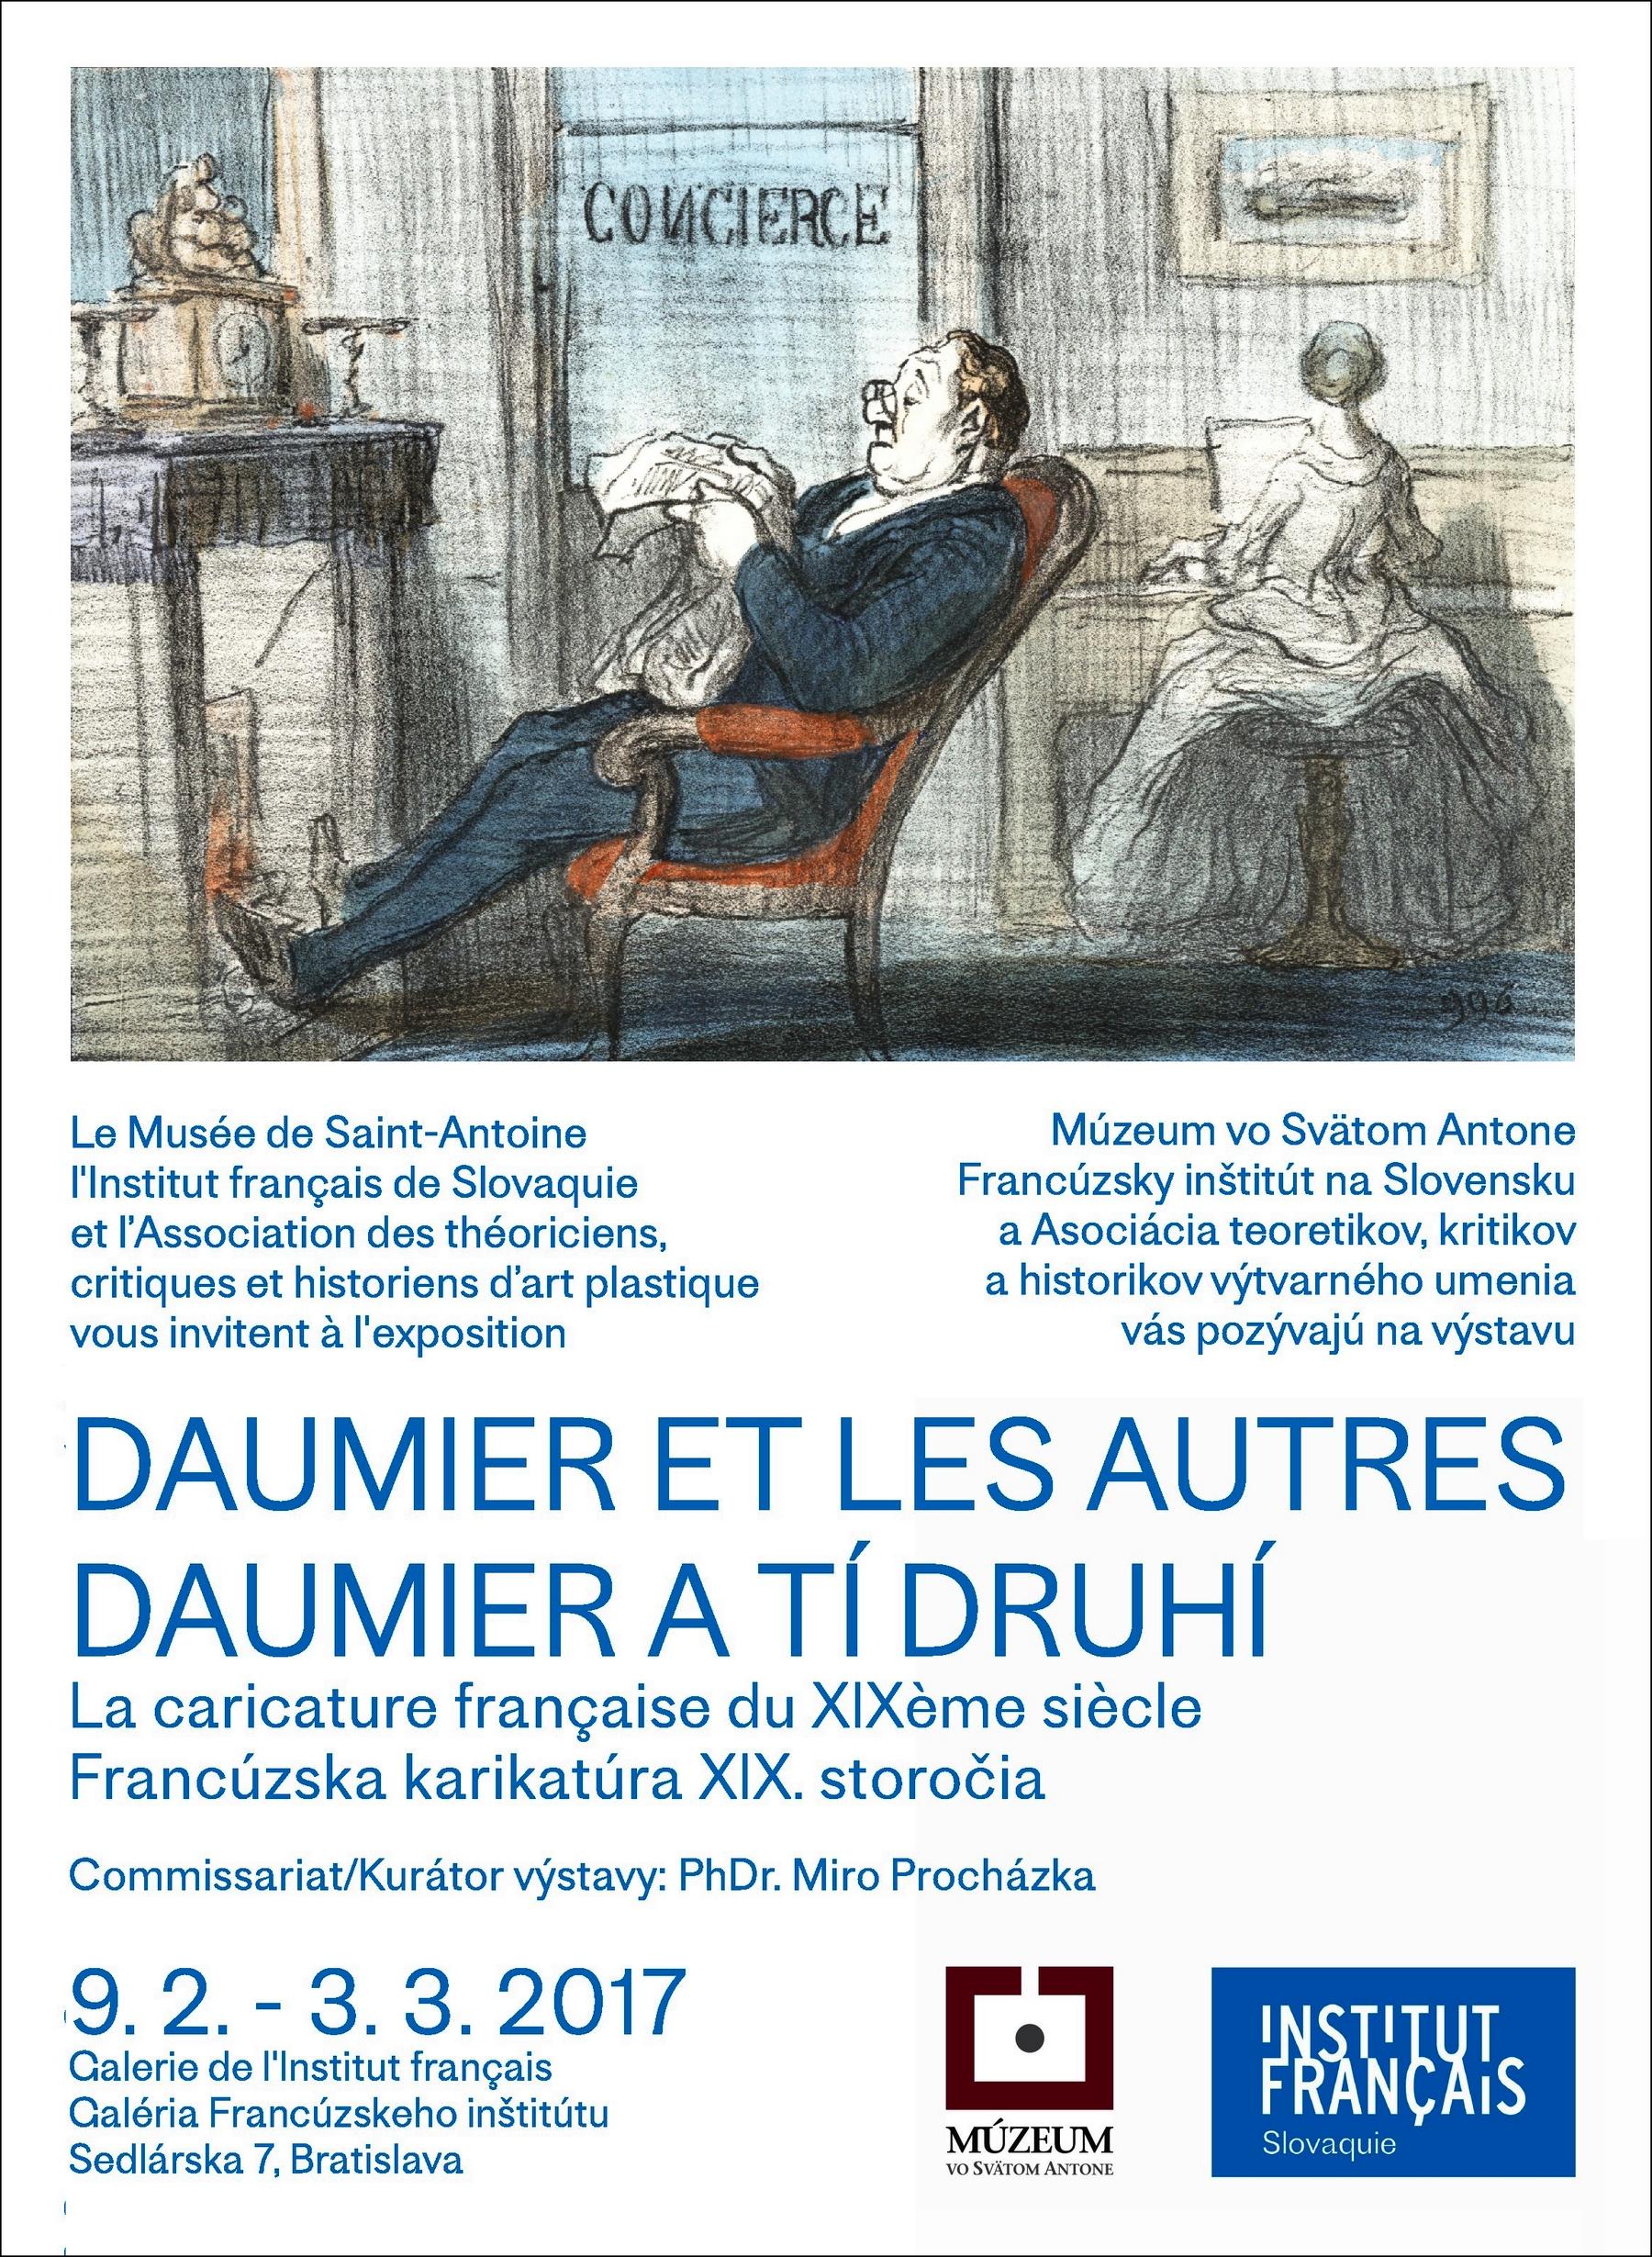 Daumier-plagat